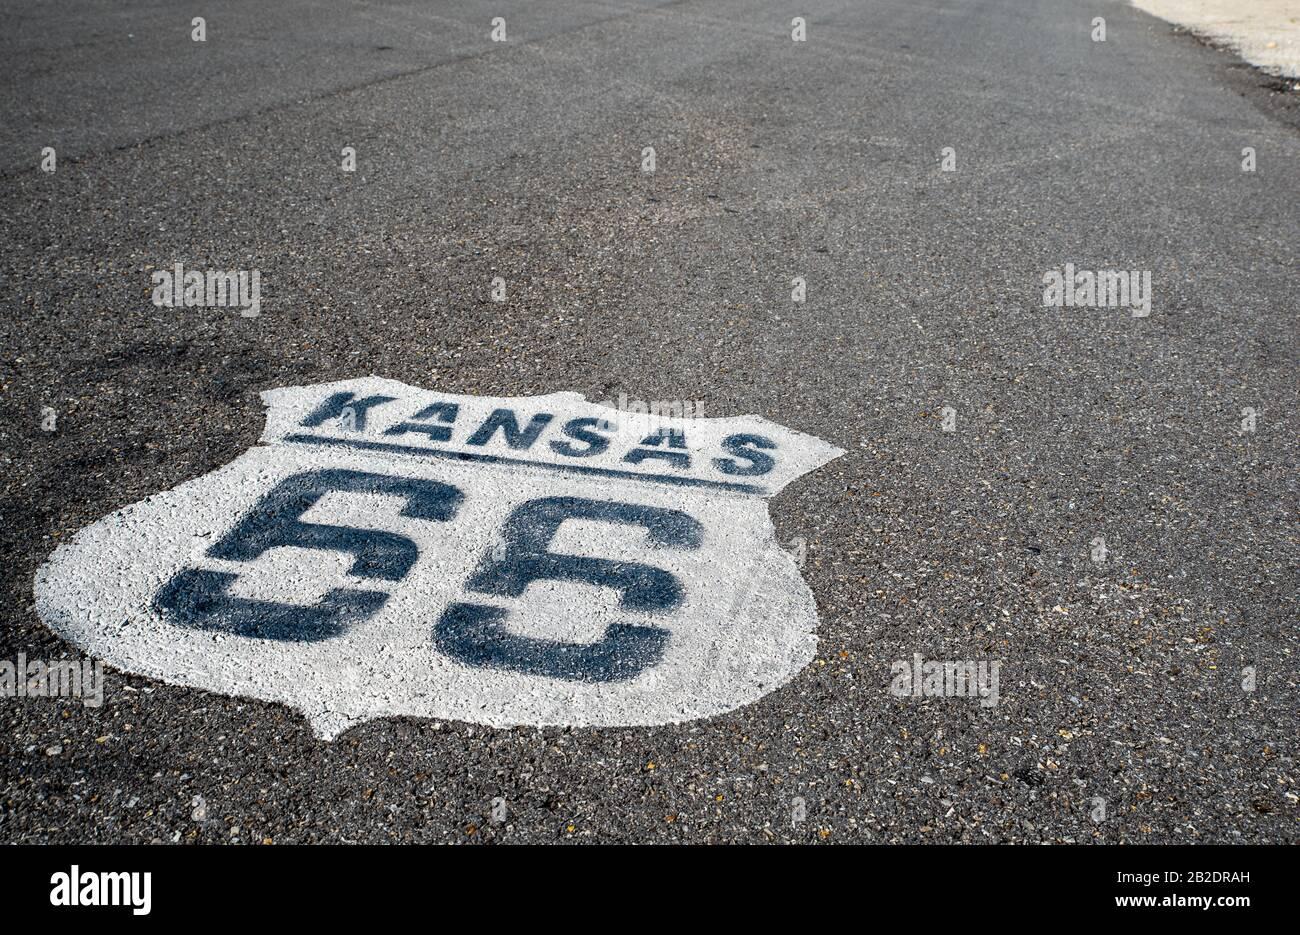 Route 66 Peinte sur la chaussée du Kansas. La route de la mère. La Rue Principale De L'Amérique. Banque D'Images